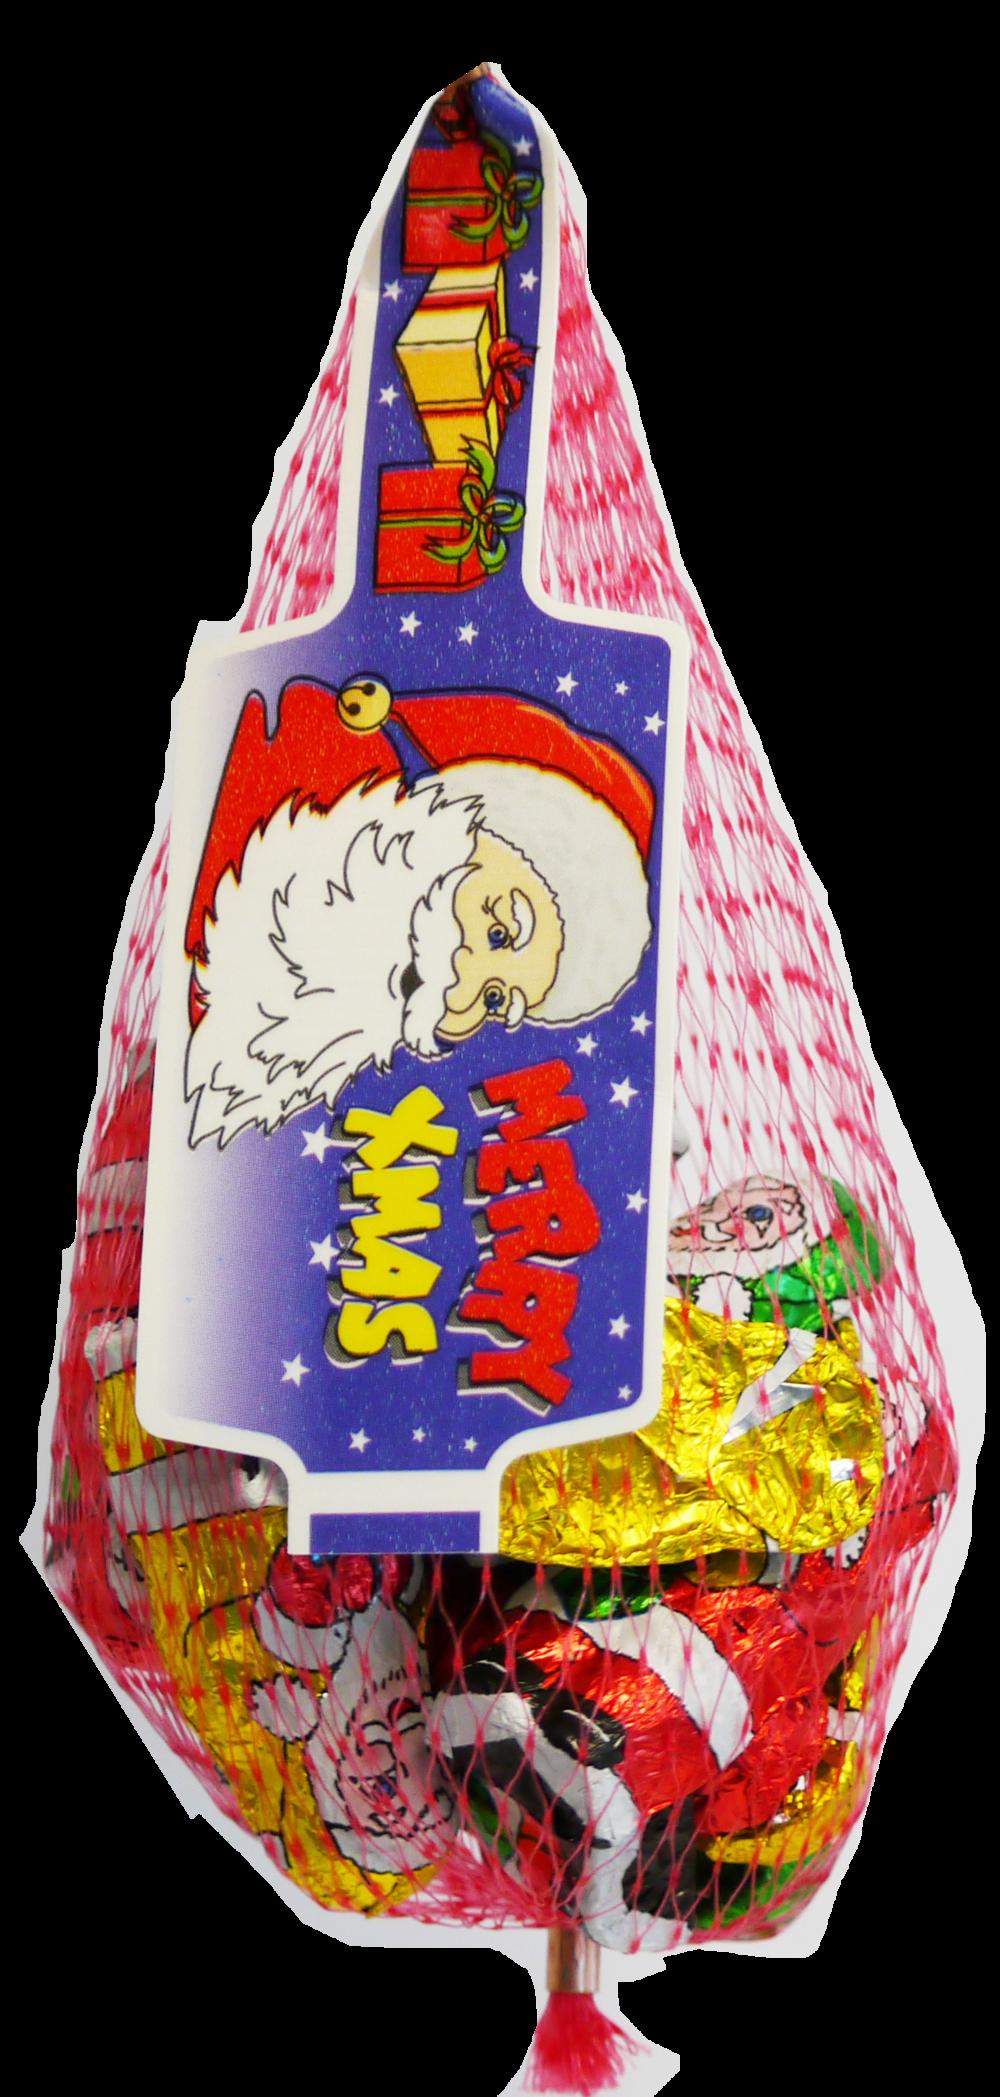 Laica Santa Claus